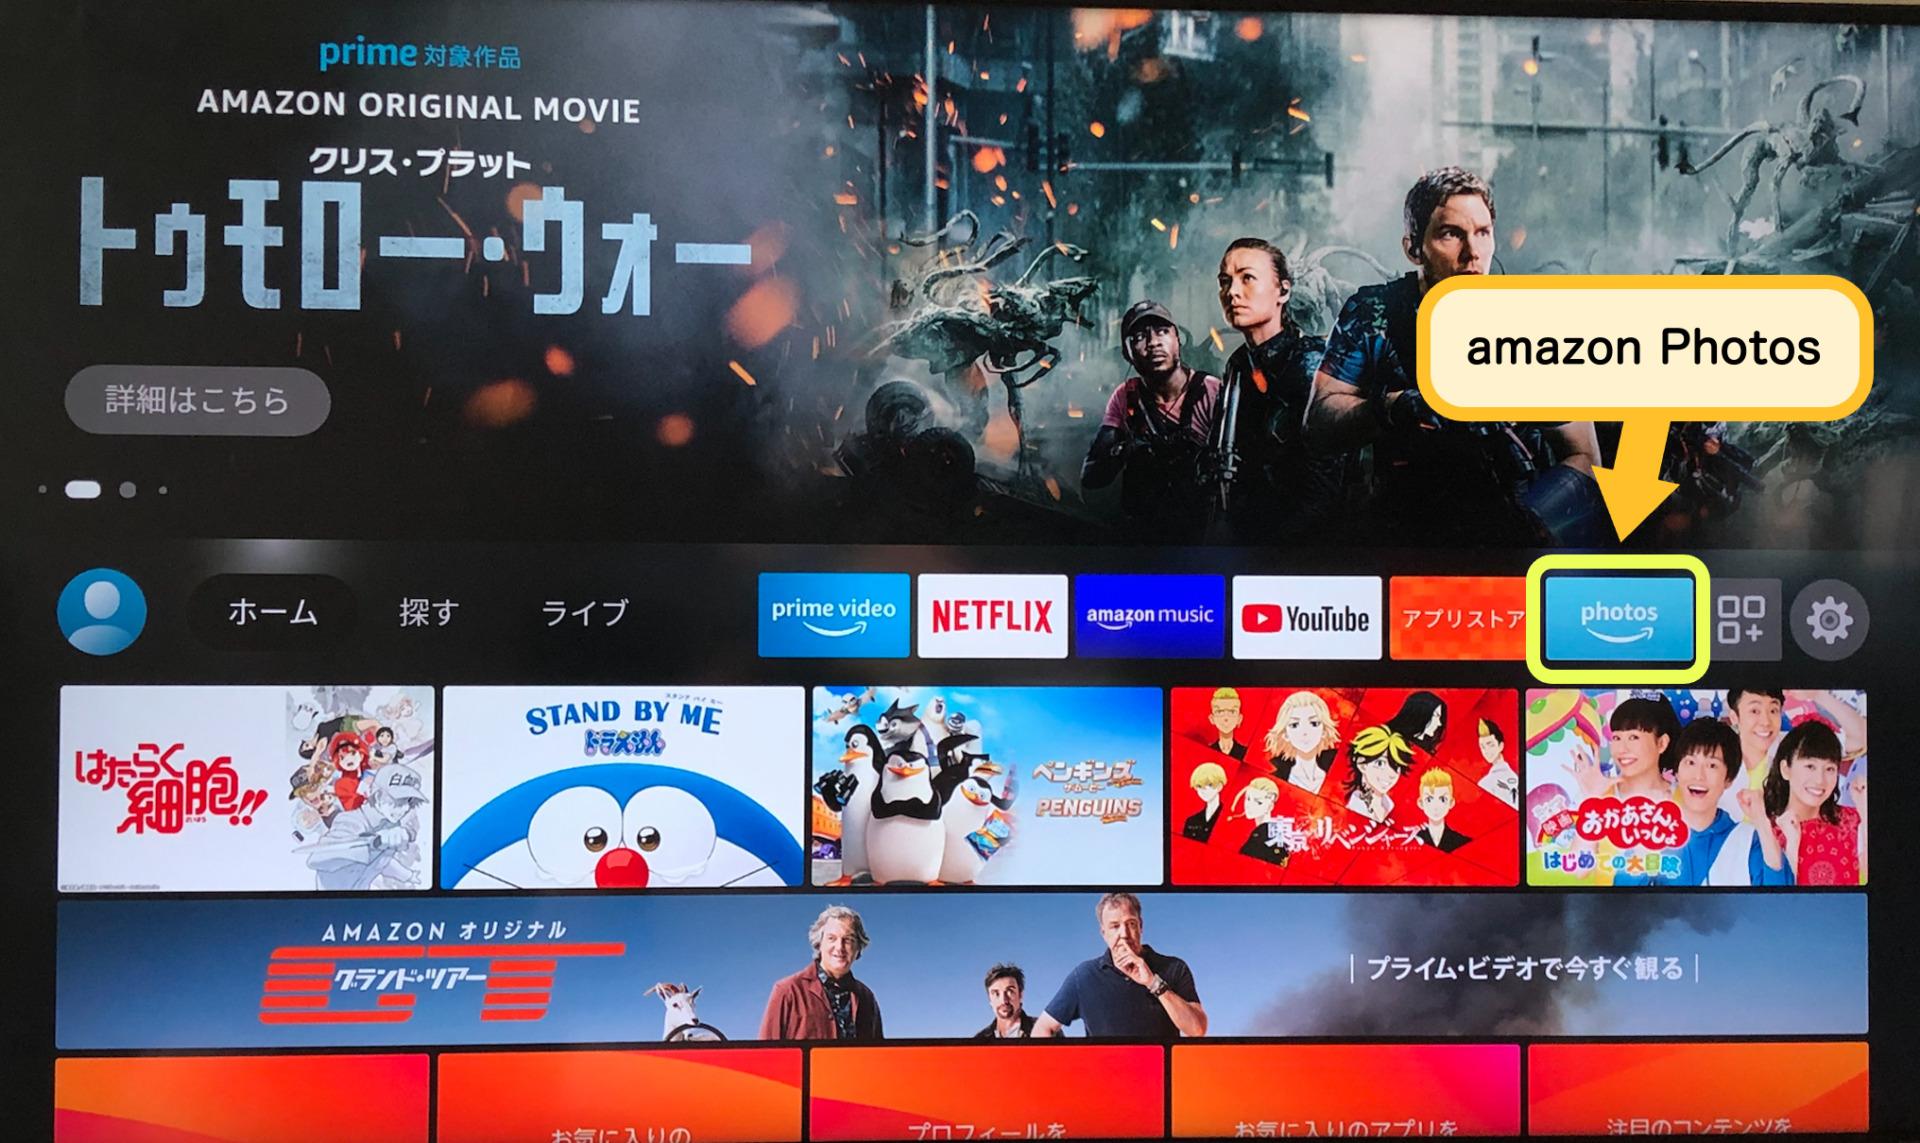 amazon Photosの画面